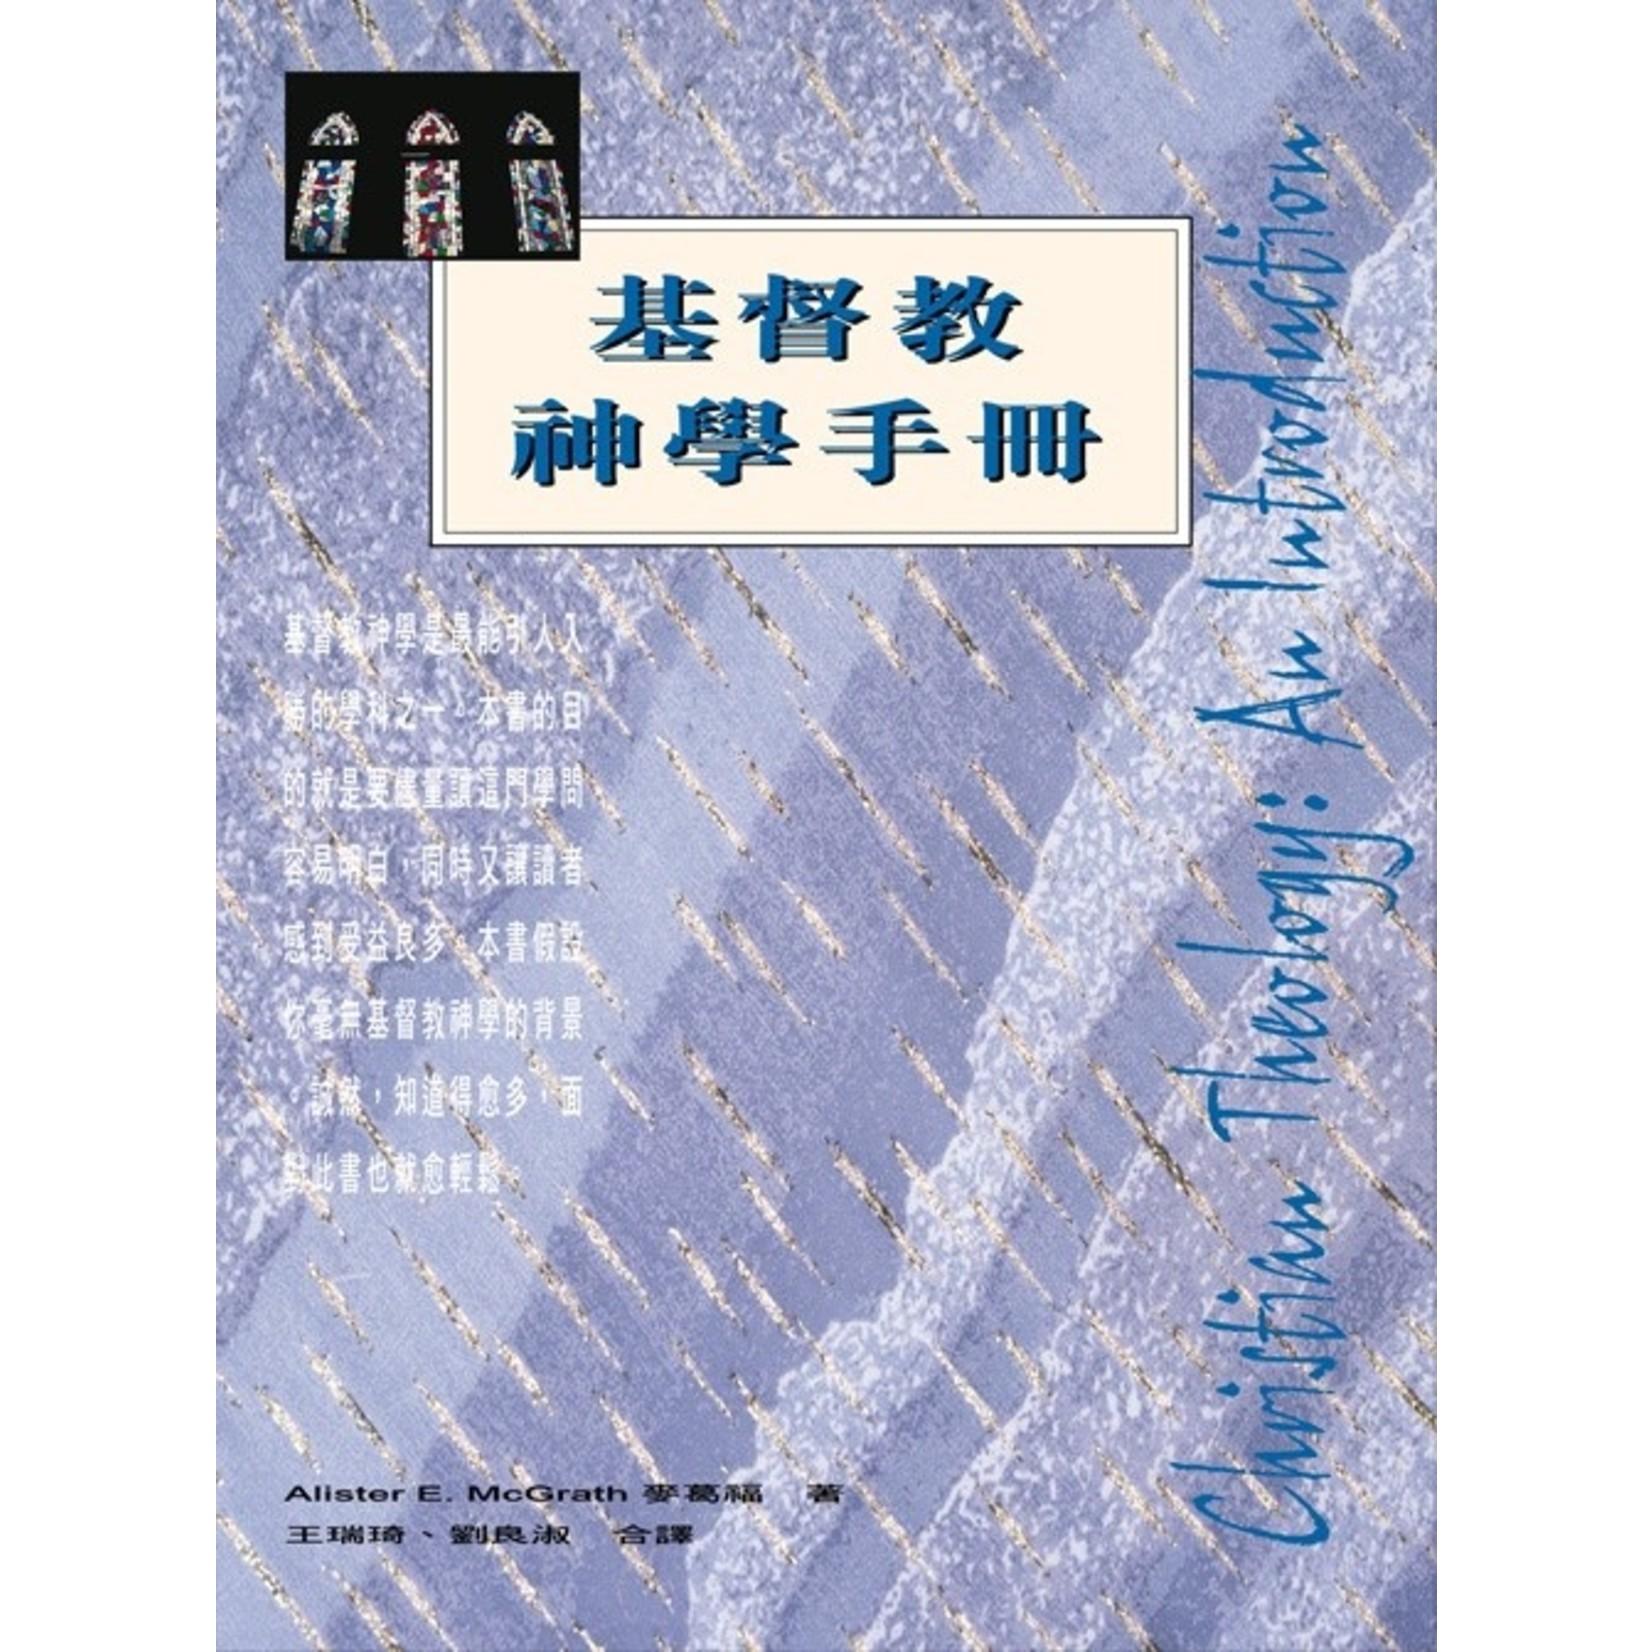 校園書房 Campus Books 基督教神學手冊 Christian Theology: An Introduction